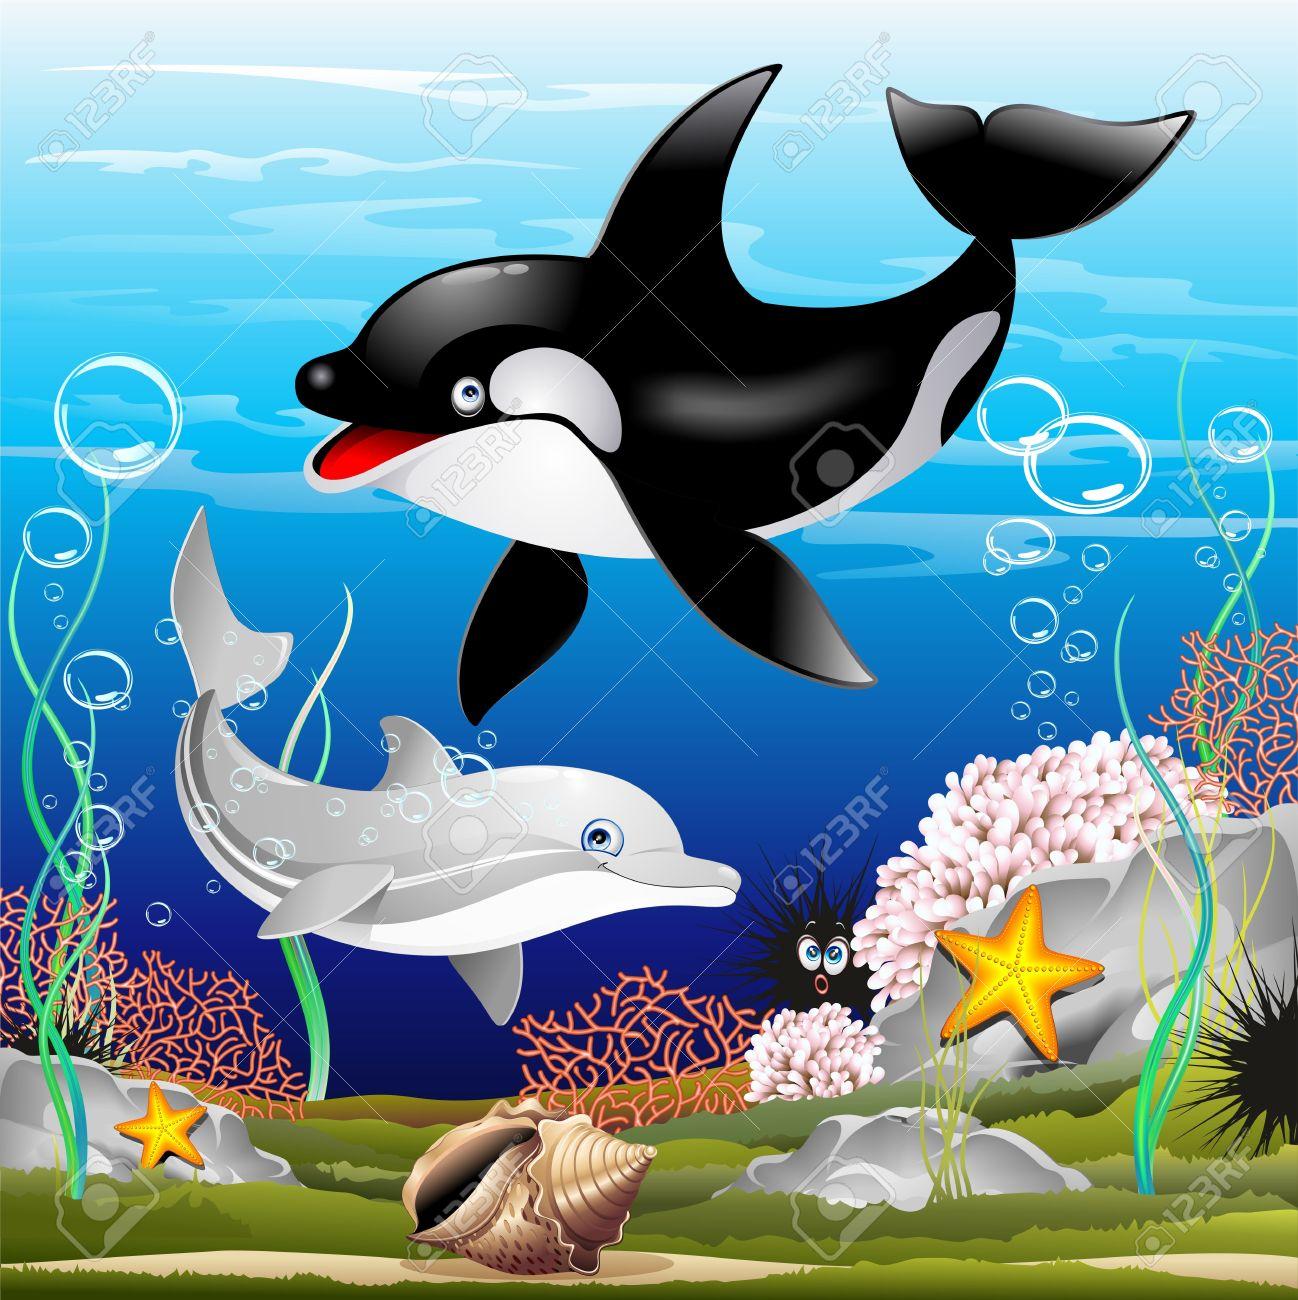 Dolphin and Killer Whale Cartoon on the Ocean Stock Vector - 20282320